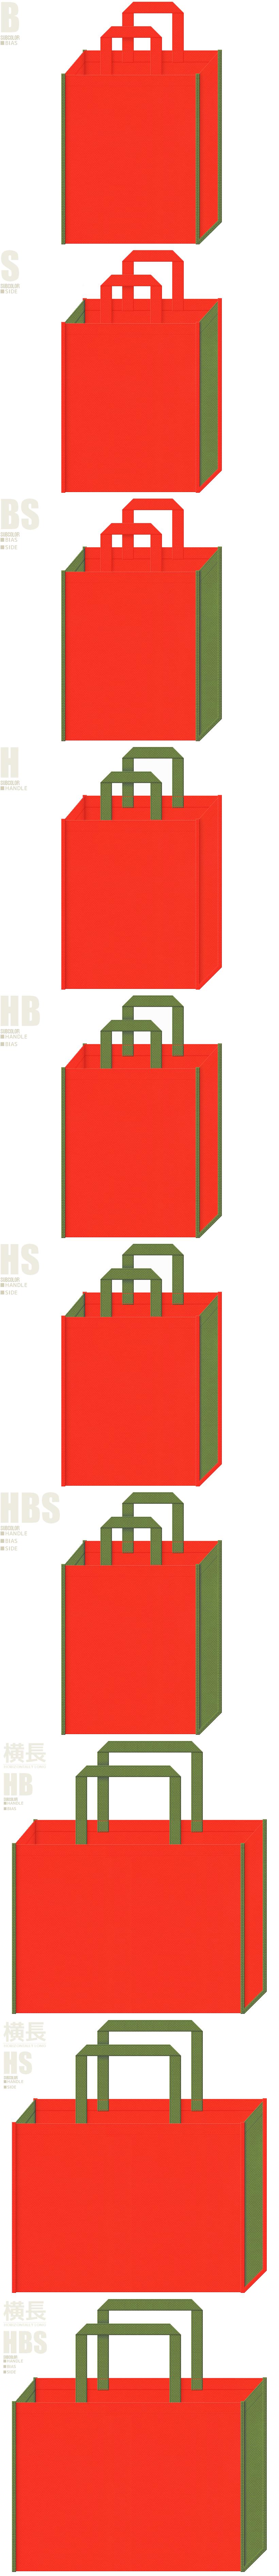 抹茶オレンジ風の不織布バッグデザイン:オレンジ色と草色の配色7パターン